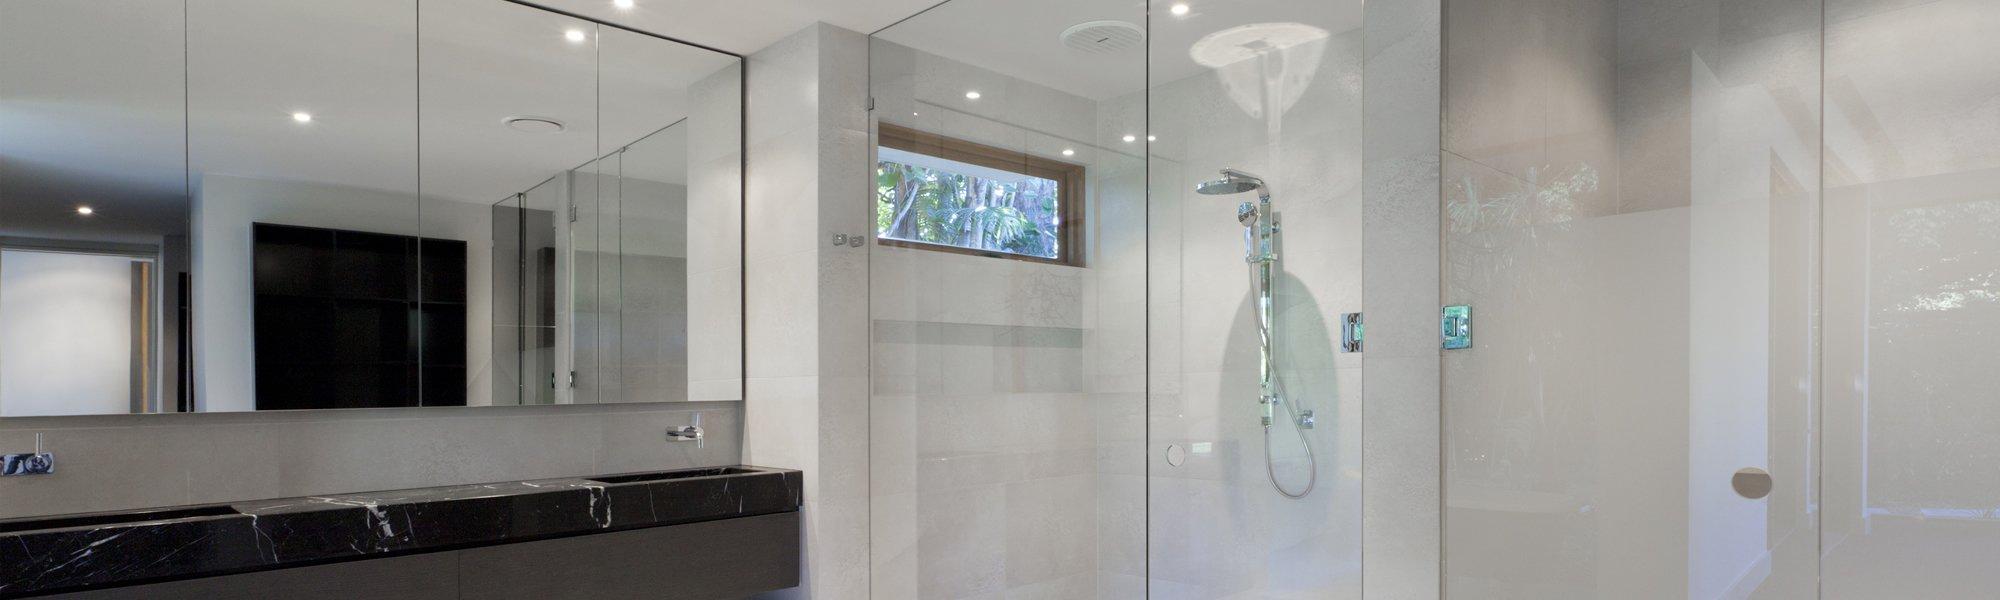 frameless shower screens brisbane